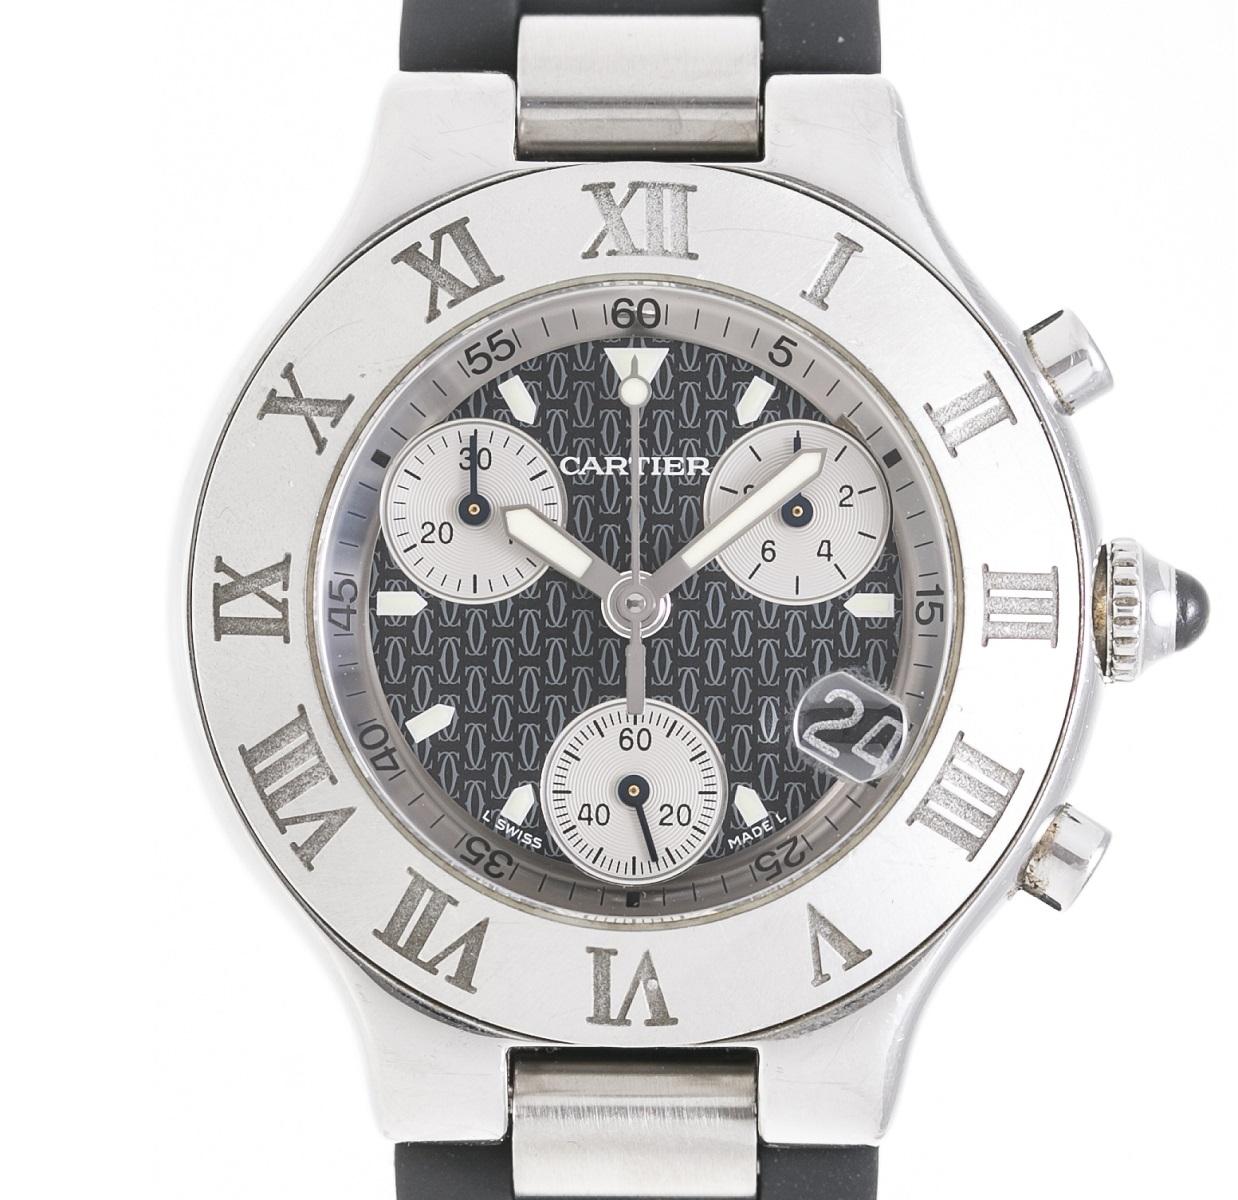 カルティエ Cartier マスト21 ヴァンティアンクロノスカフ クォーツ メンズ SS/RB ステンレス ラバーベルト 腕時計 送料無料【トレジャースポット】【中古】